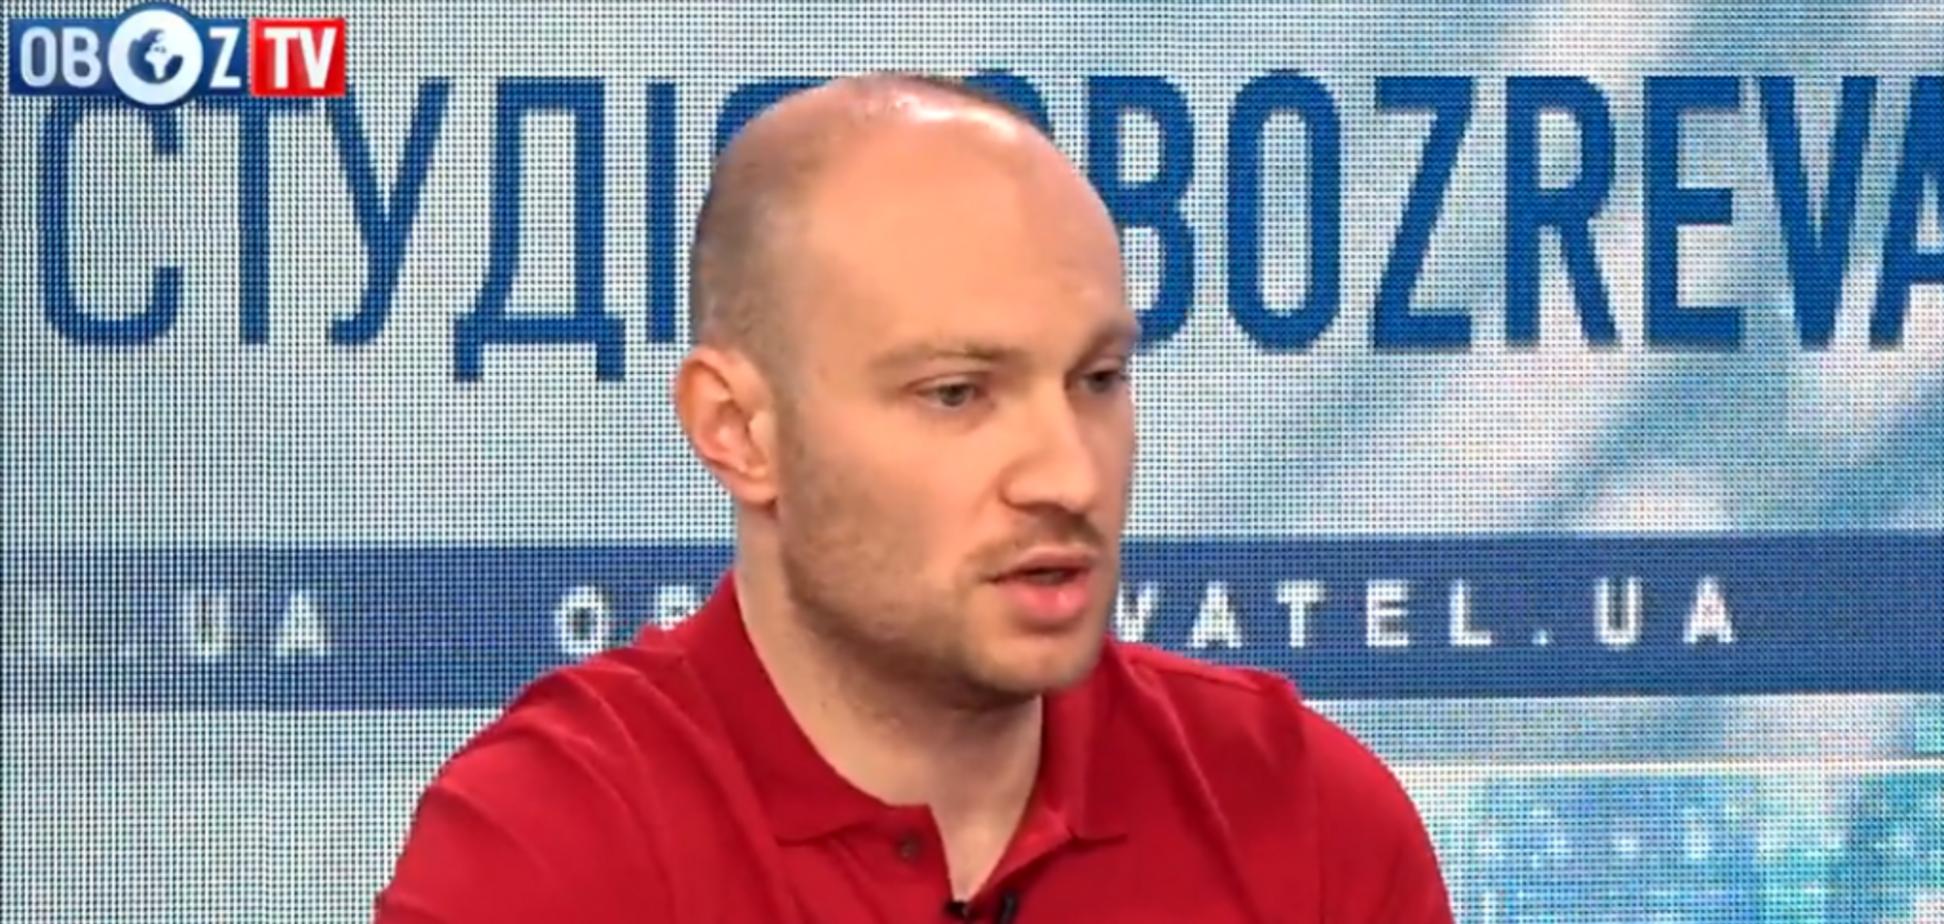 'Россия действует похоже': международник сравнил 'ДНР' и Приднестровье